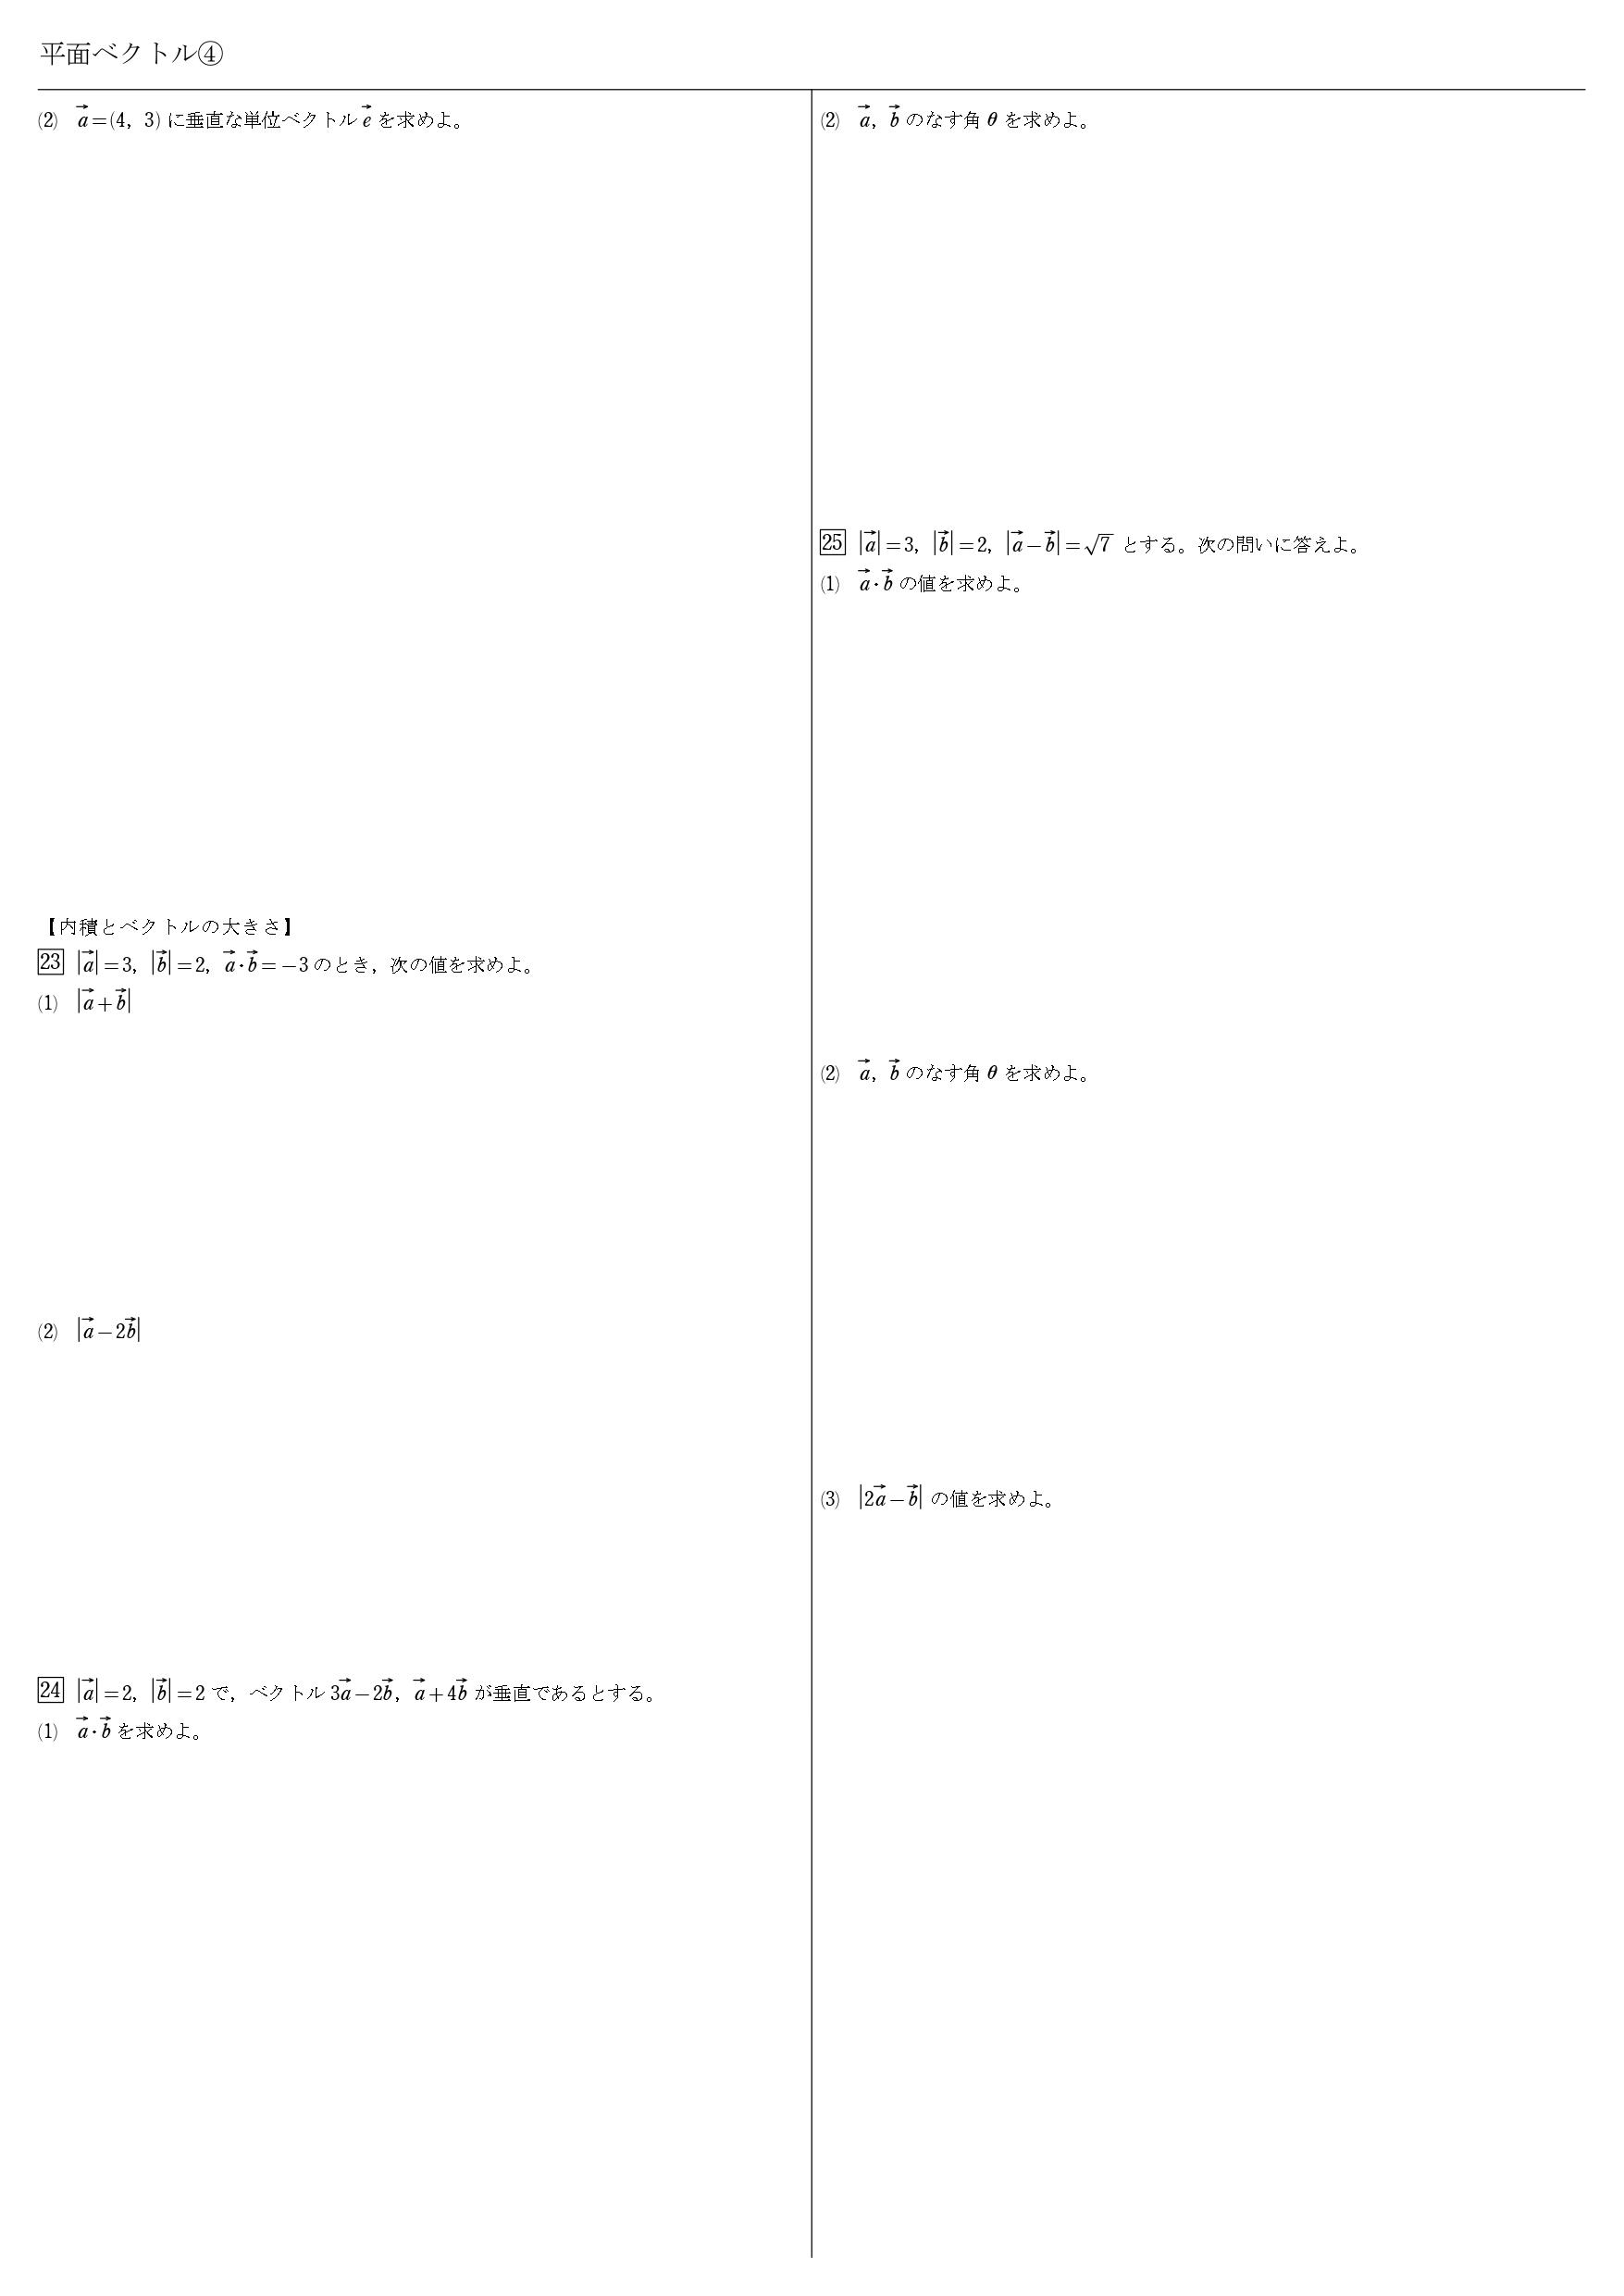 平面ベクトル 問題 一覧